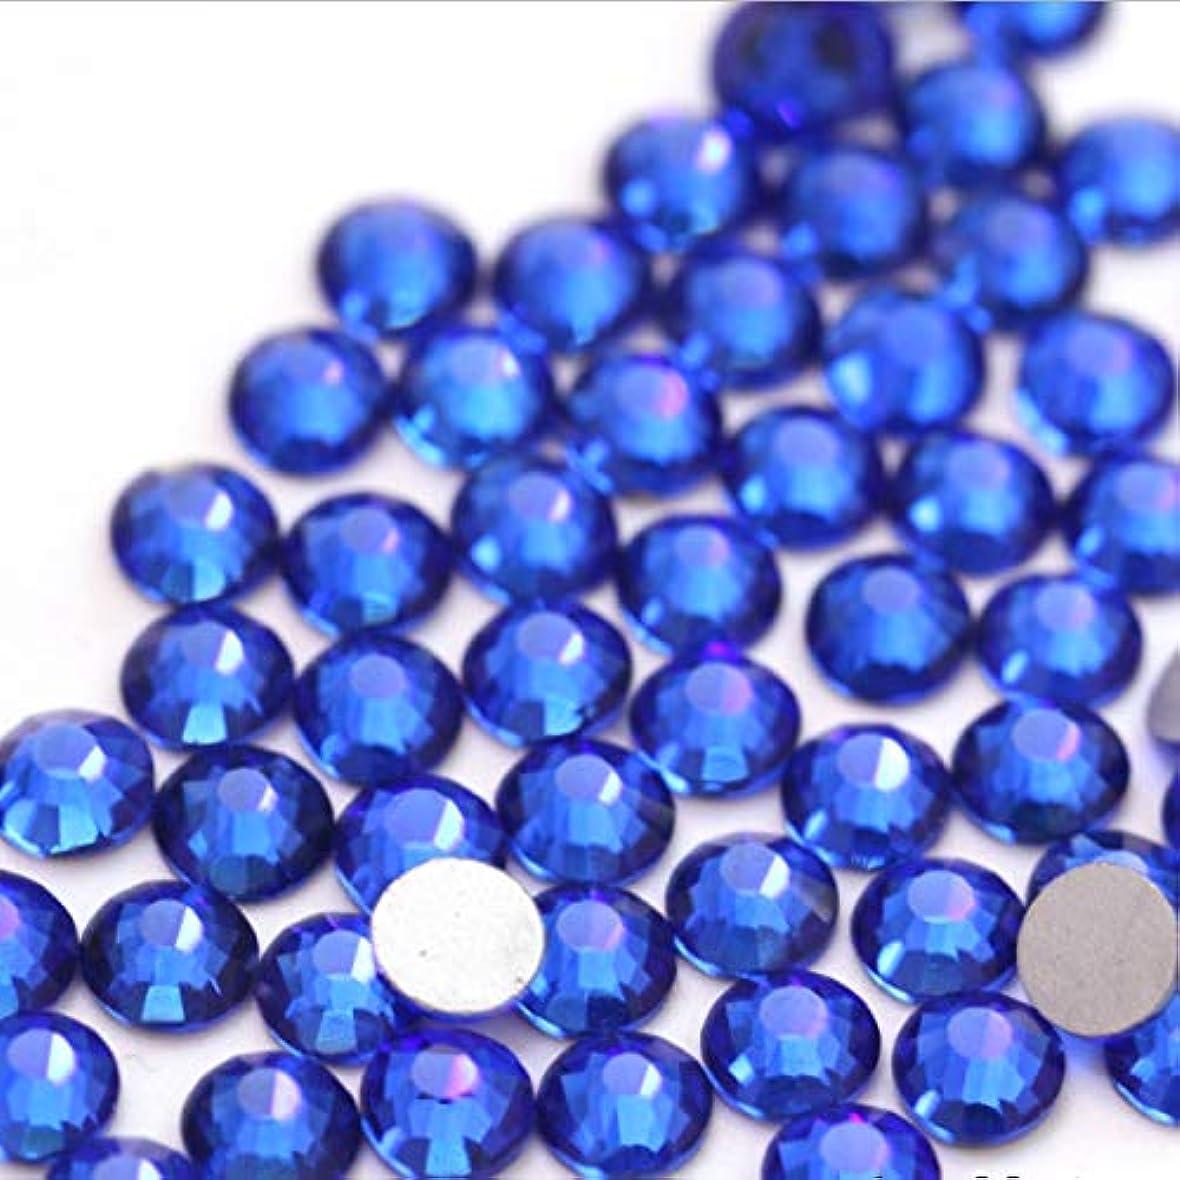 浮く割合離れて【ラインストーン77】高品質ガラス製ラインストーン サファイア(1.5mm (SS4) 約1440粒)